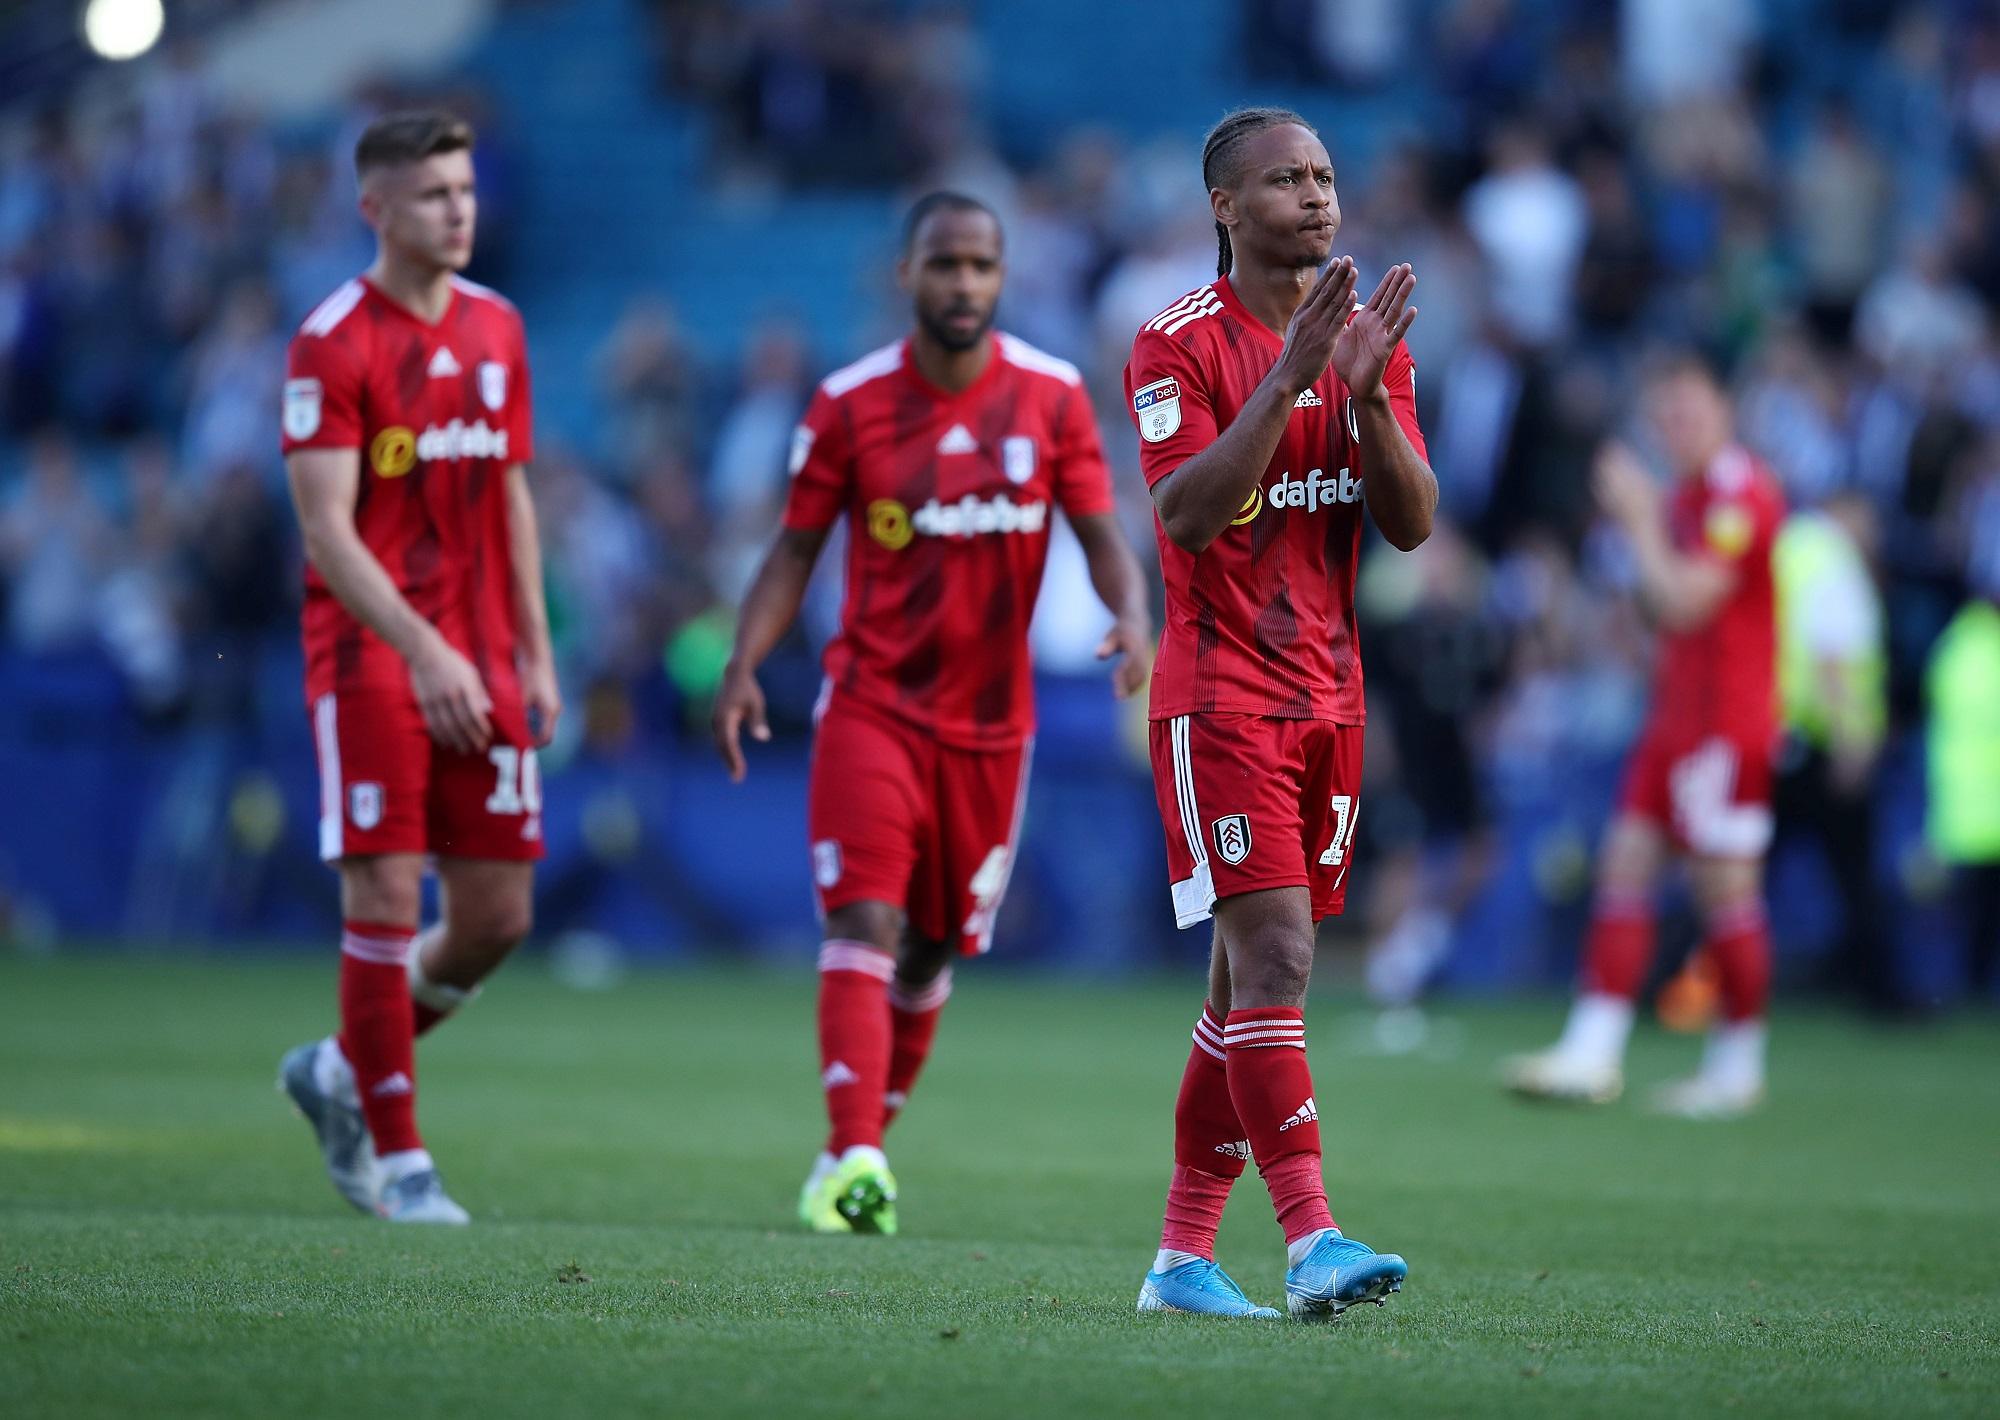 Fulham Squad 2019